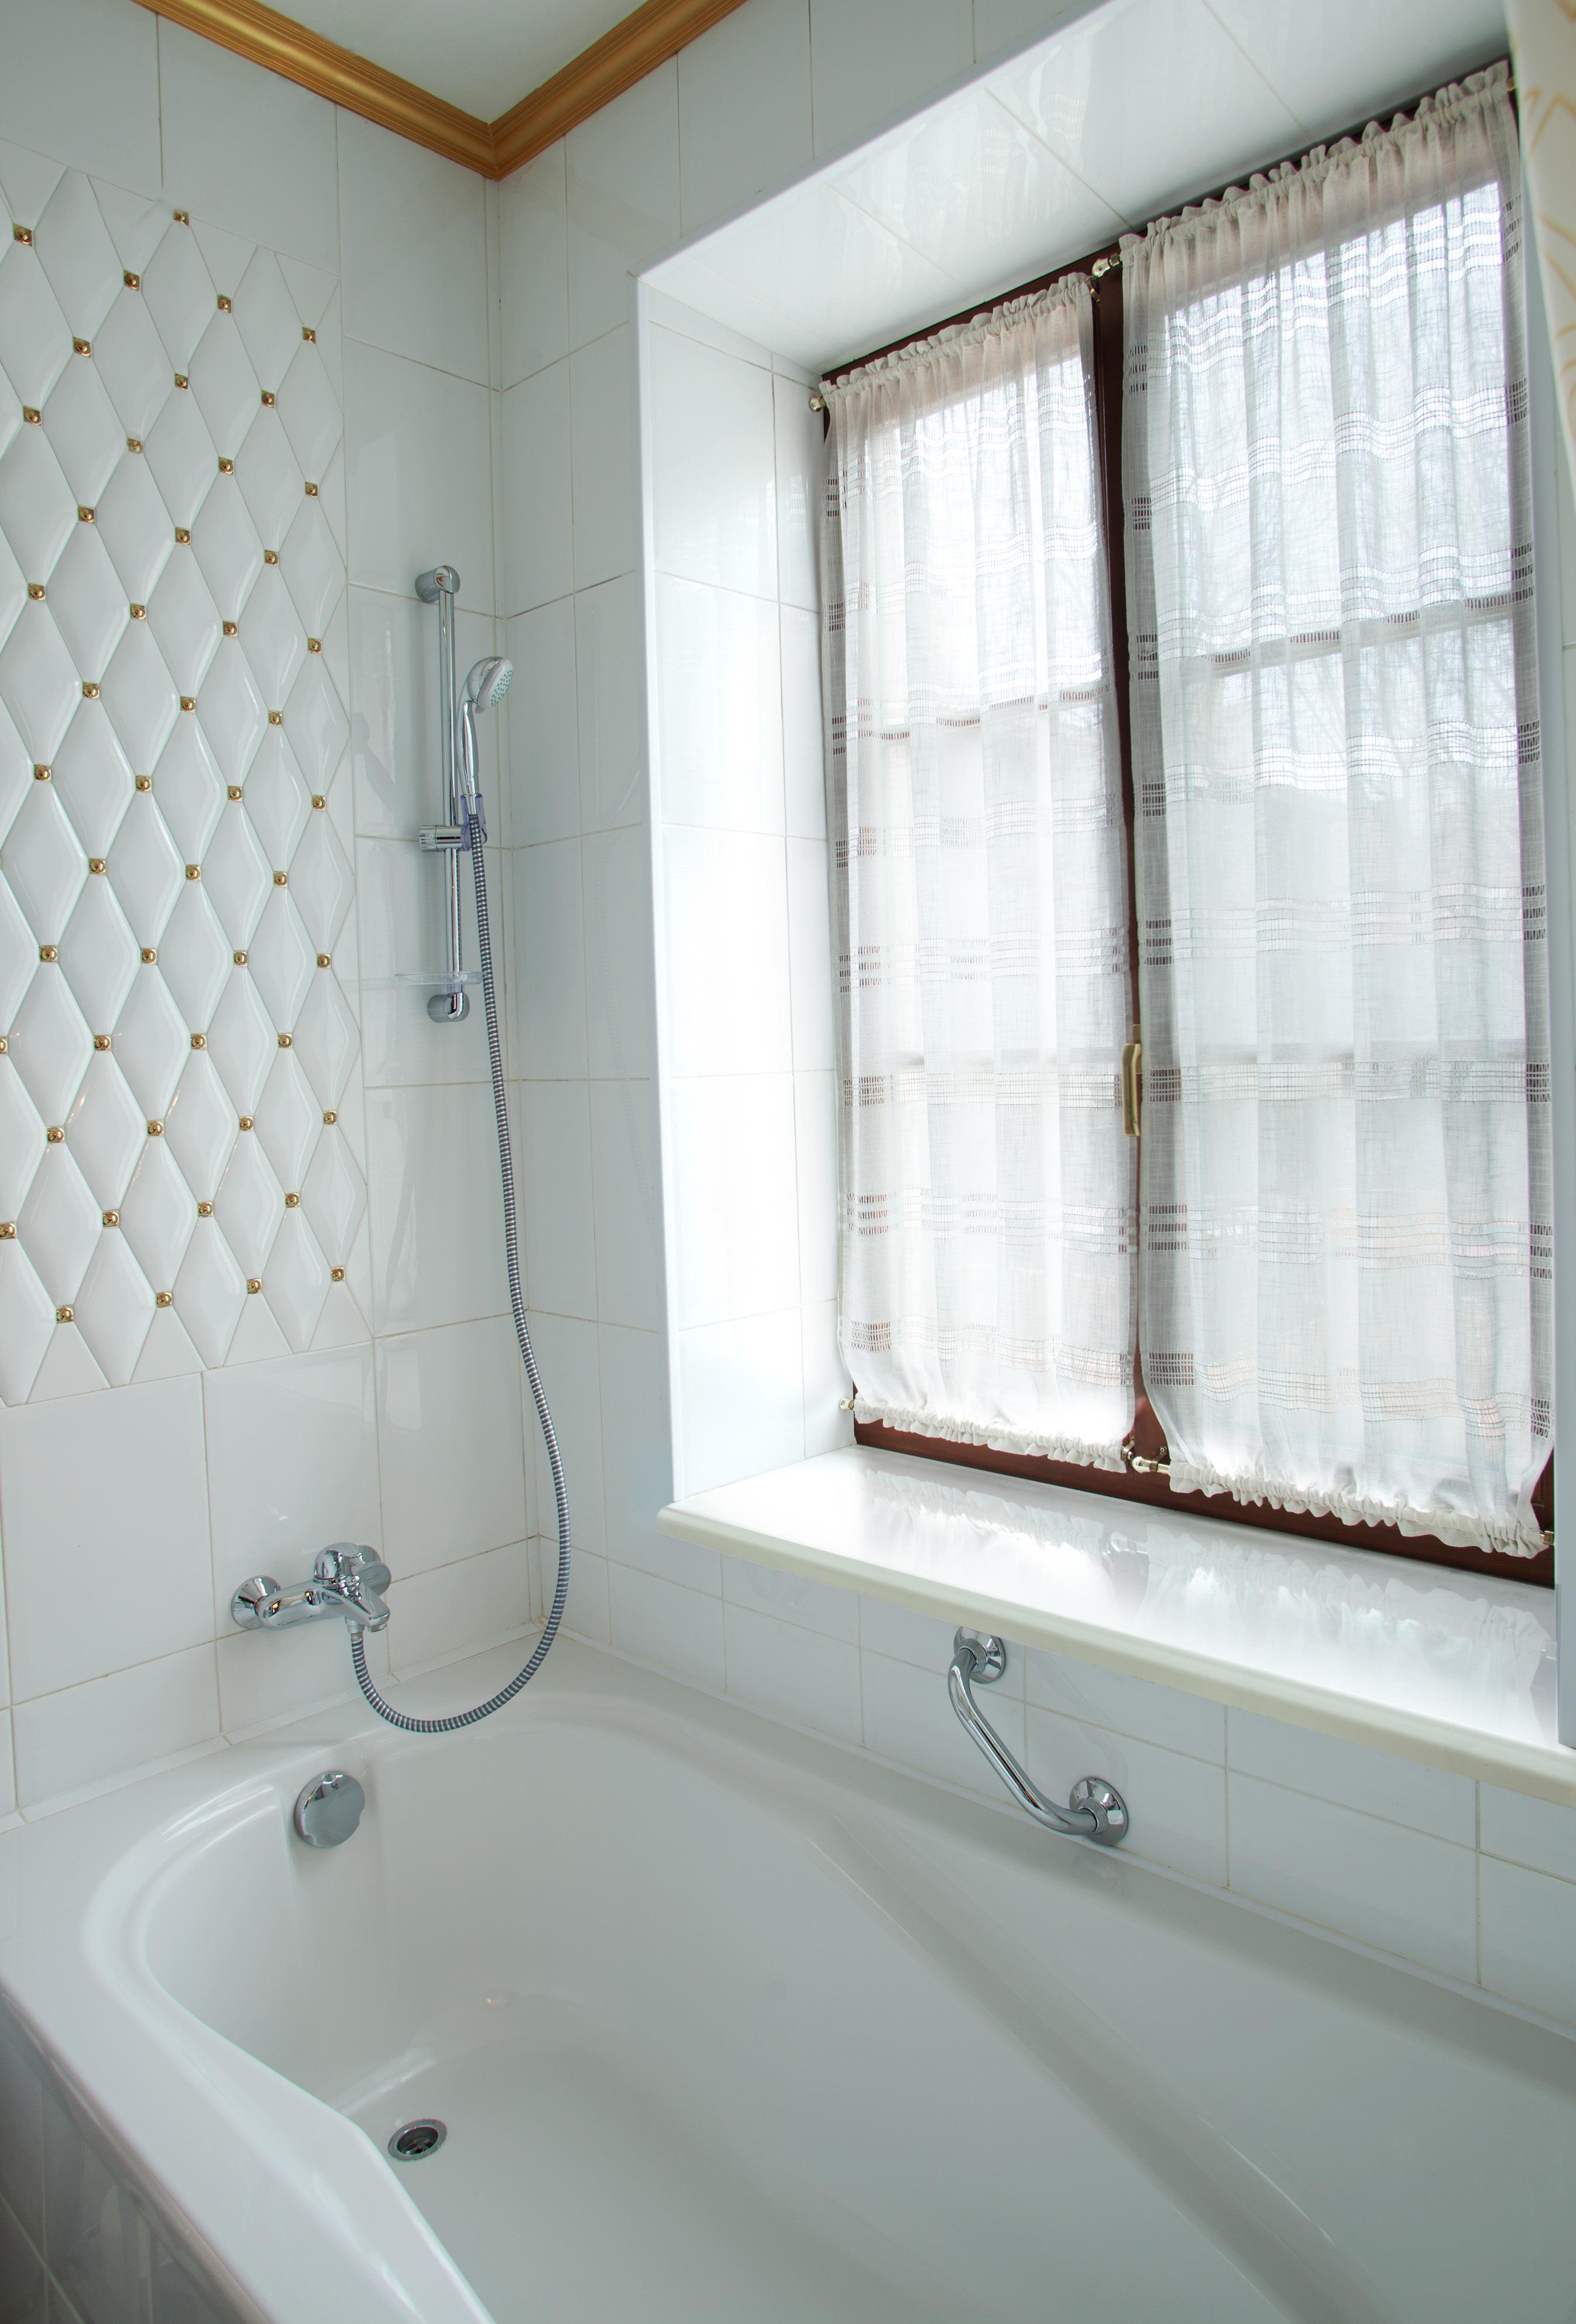 Подоконник DANKE Белый глянец для ванной комнаты в Эволюции окон Калуга